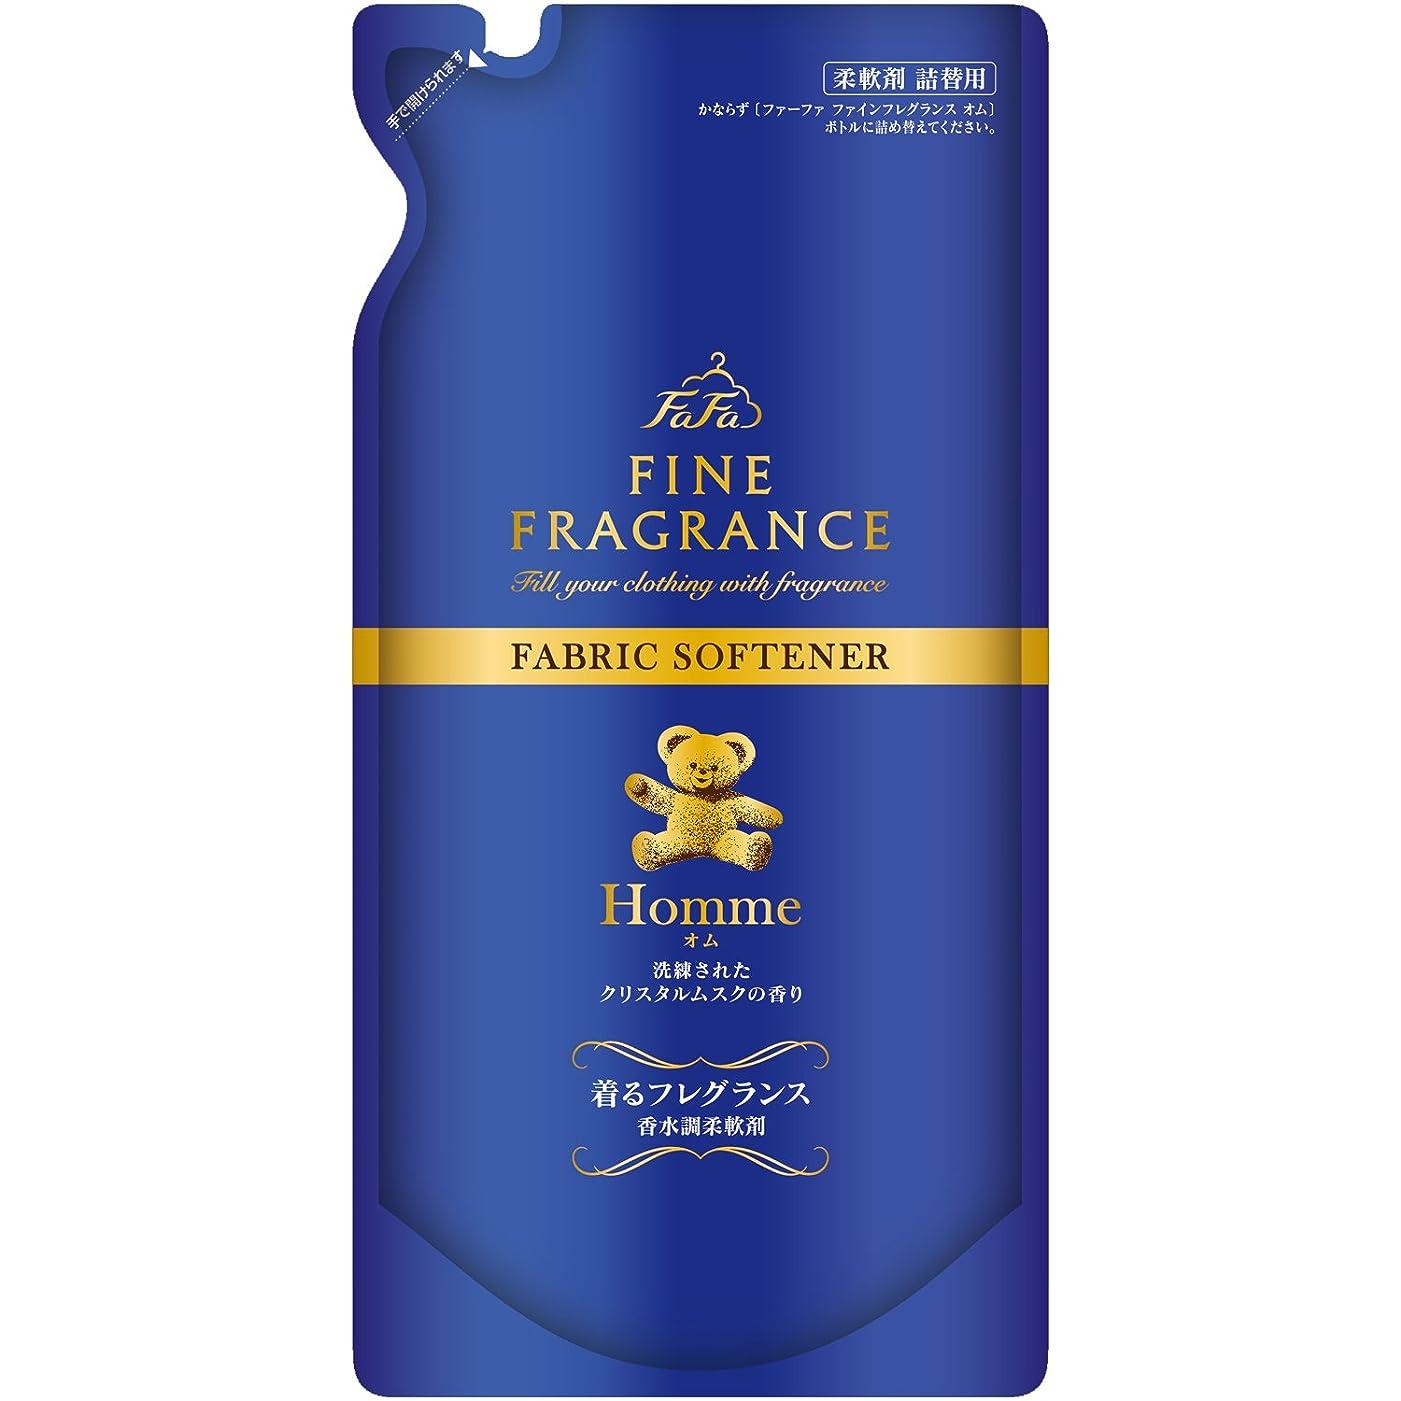 あいにくマイルドホールドファーファ ファインフレグランス 濃縮柔軟剤 オム (homme) 香水調クリスタルムスクの香り 詰替 500ml